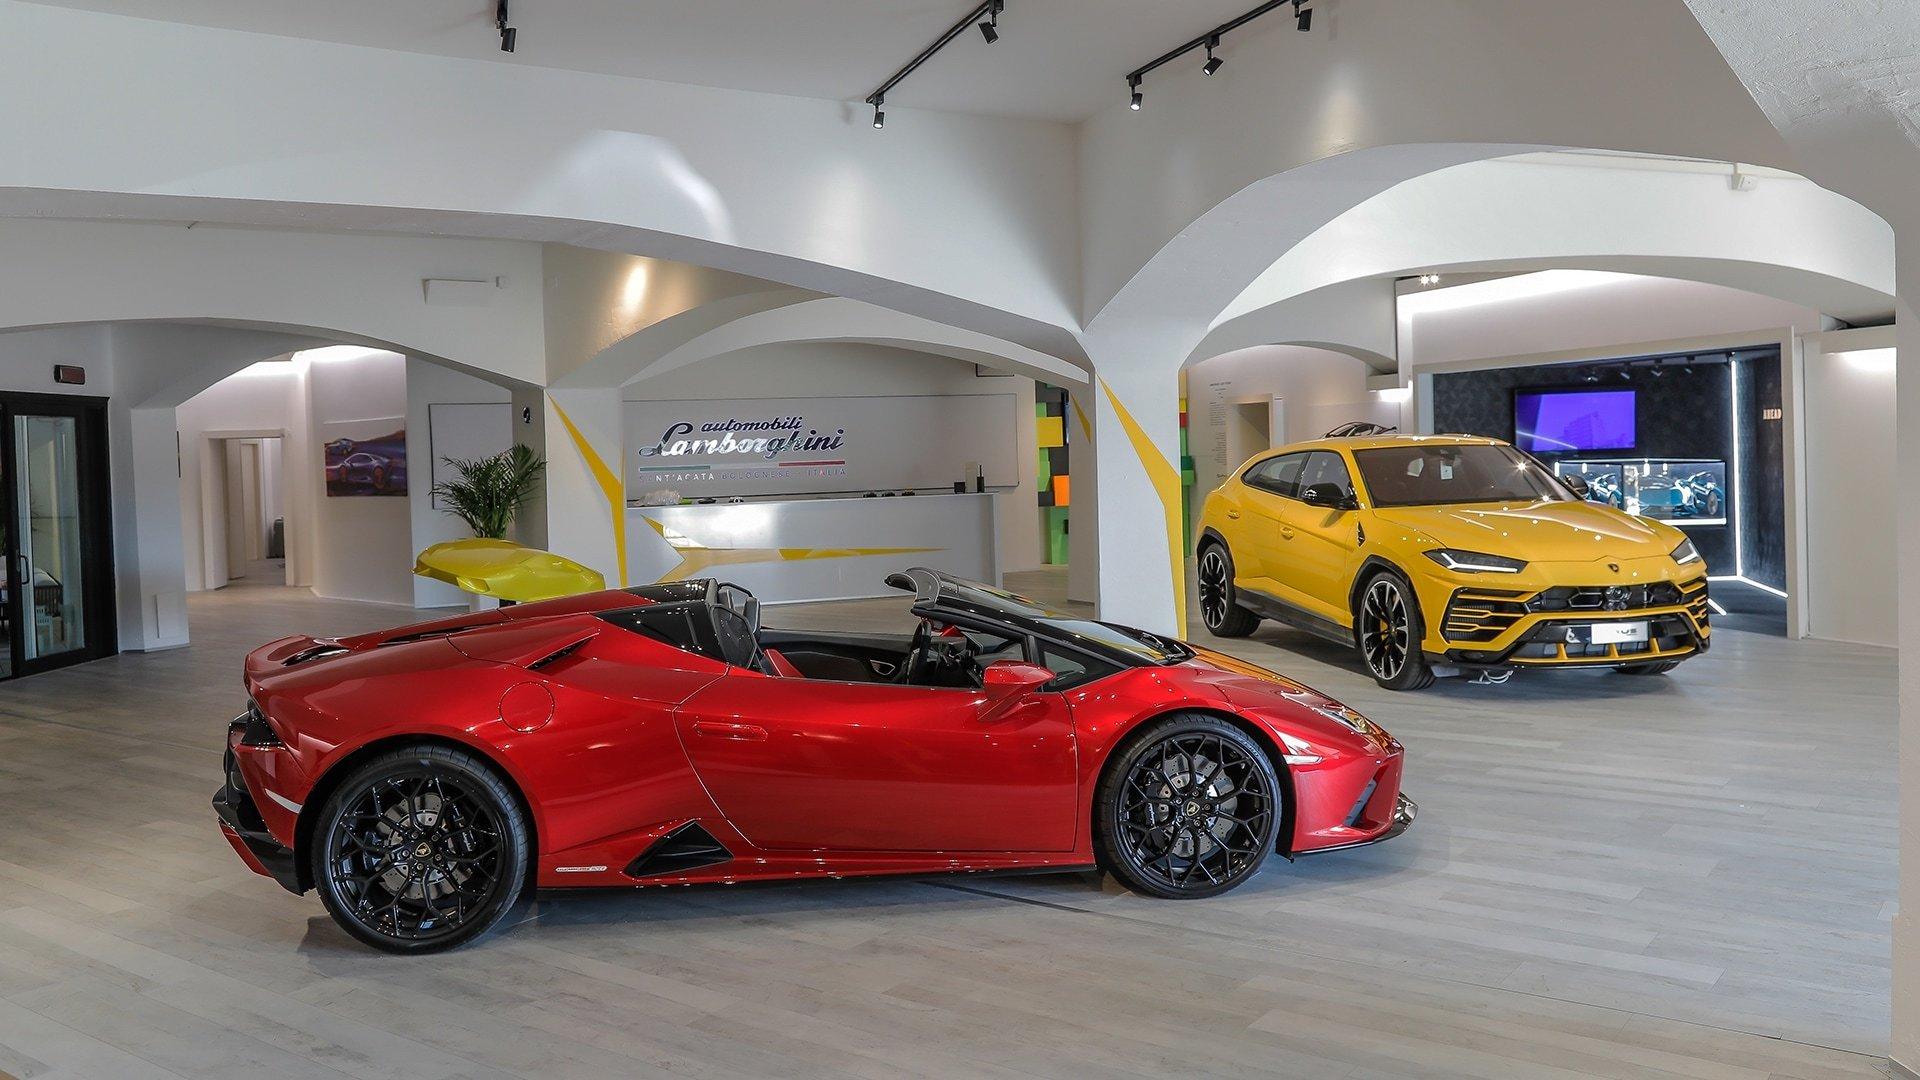 Este es el nuevo local de Lamborghini en Nueva York: imágenes